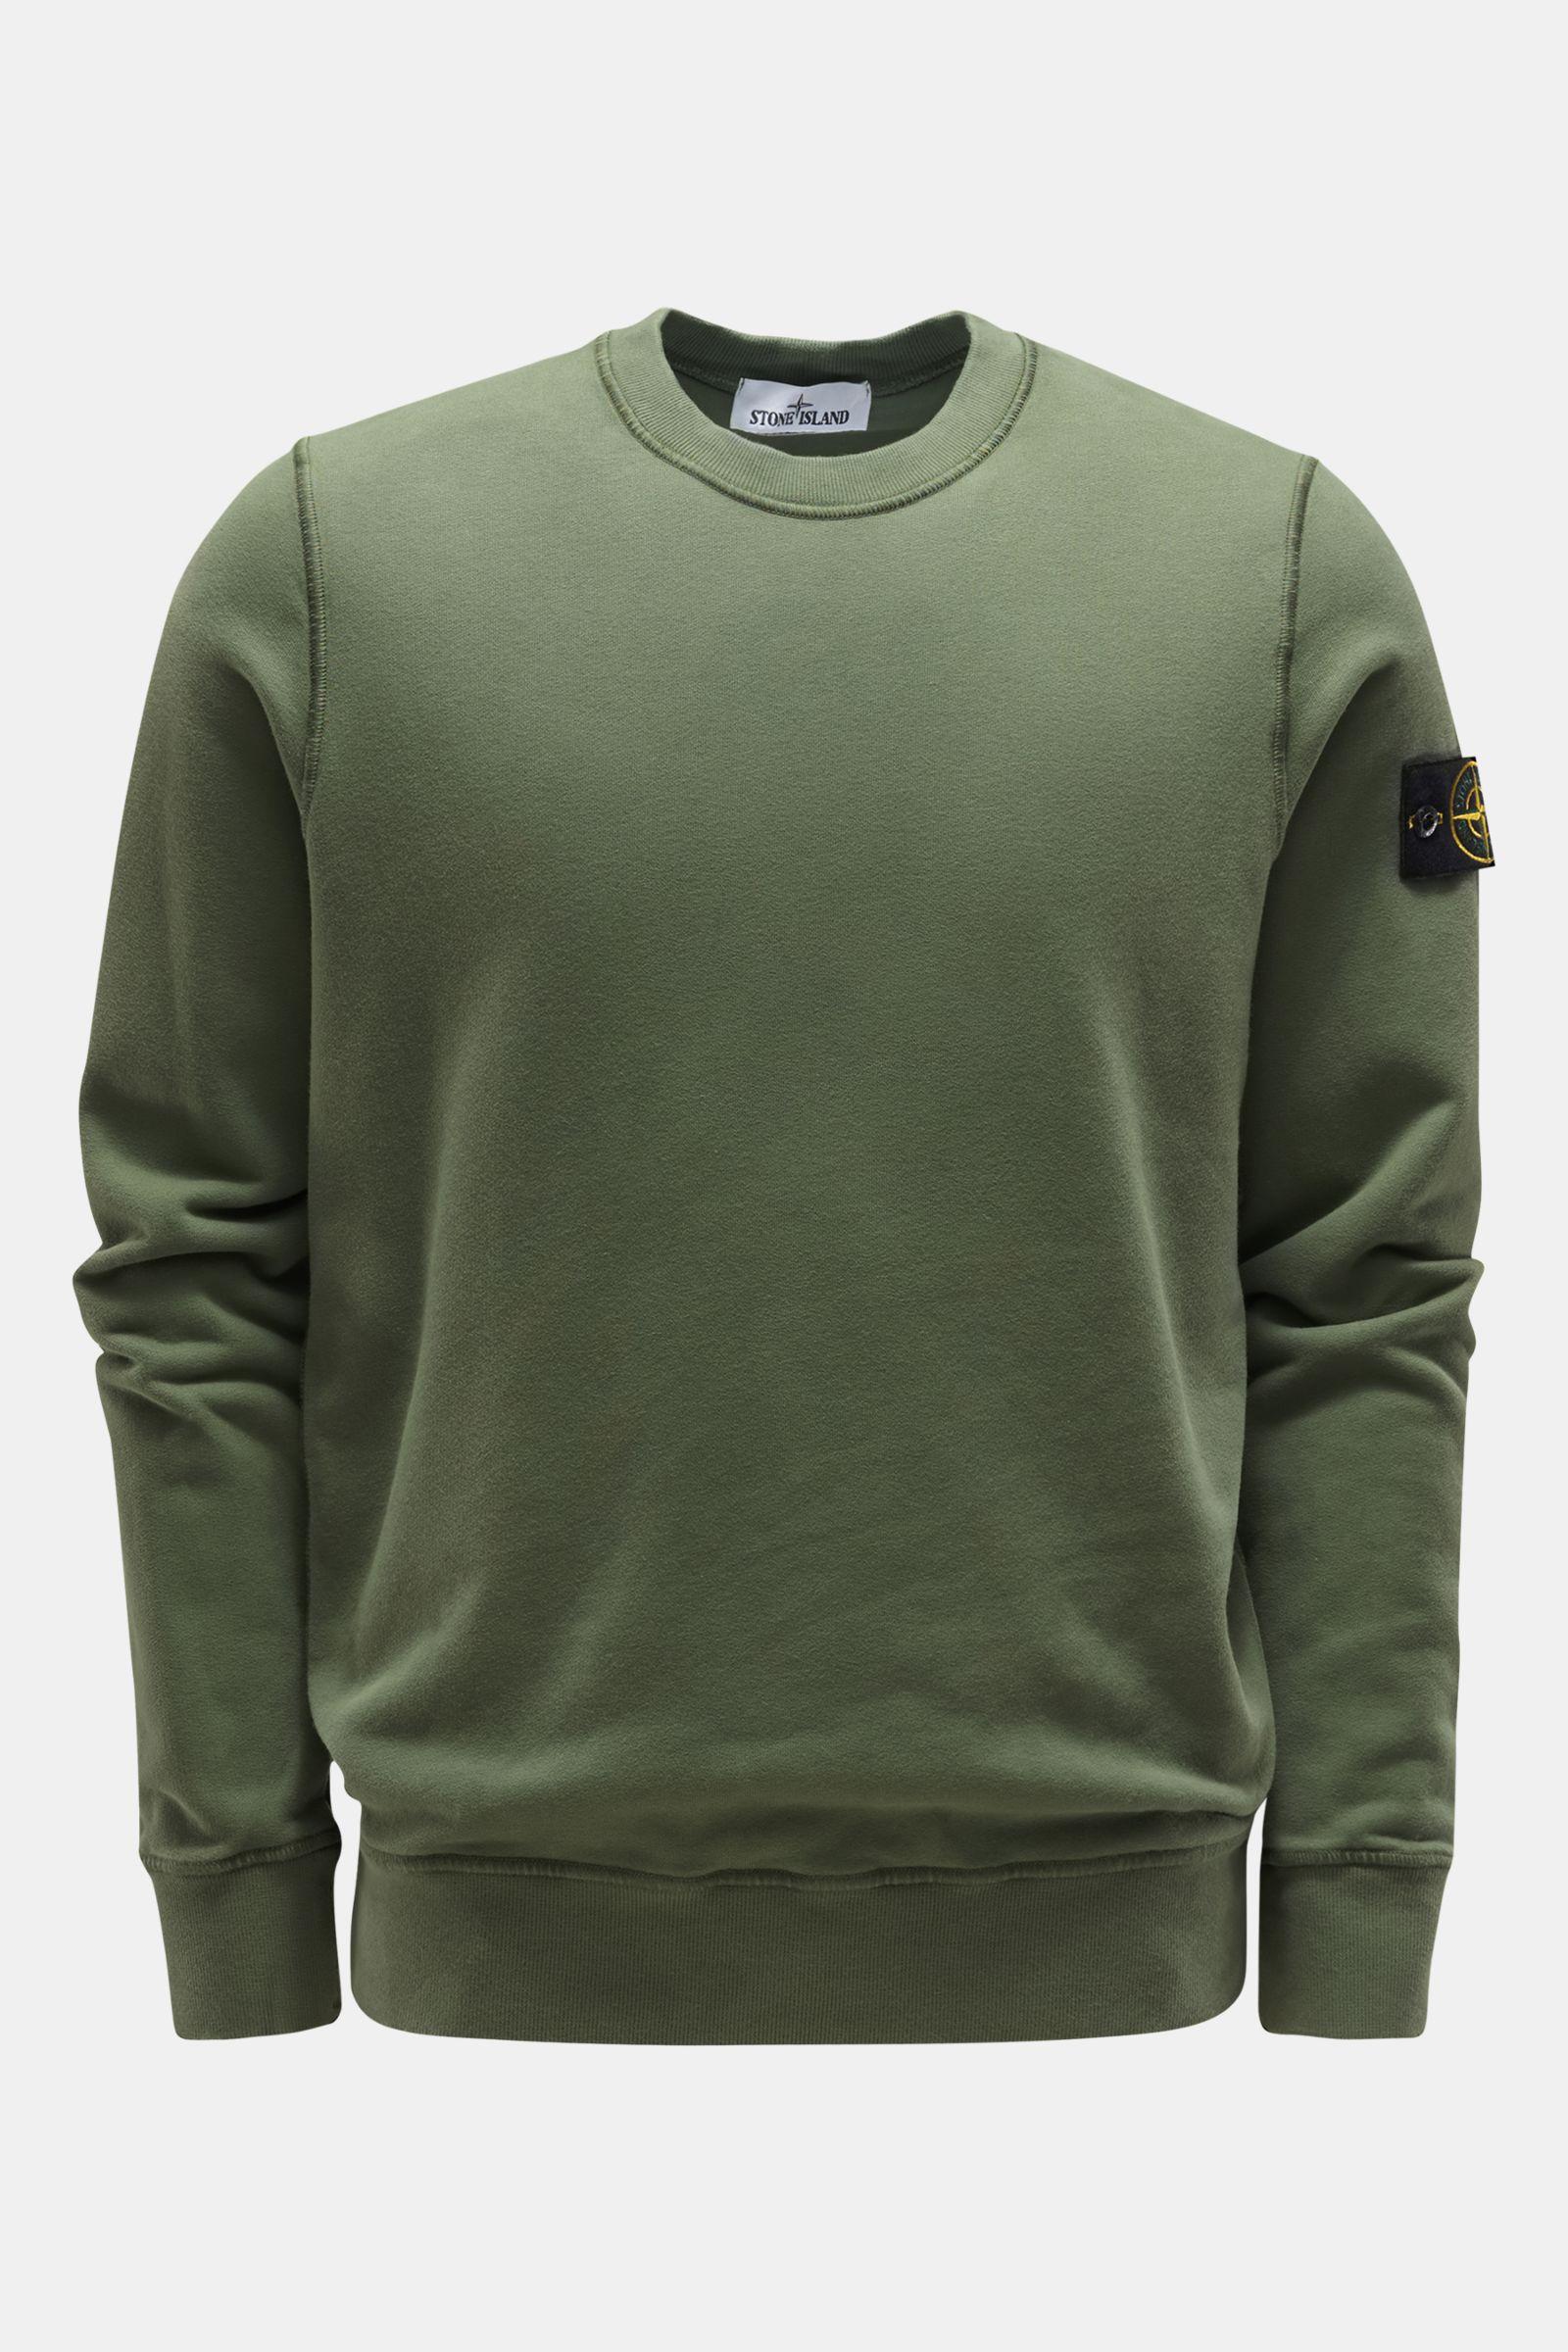 Rundhals-Sweatshirt graugrün